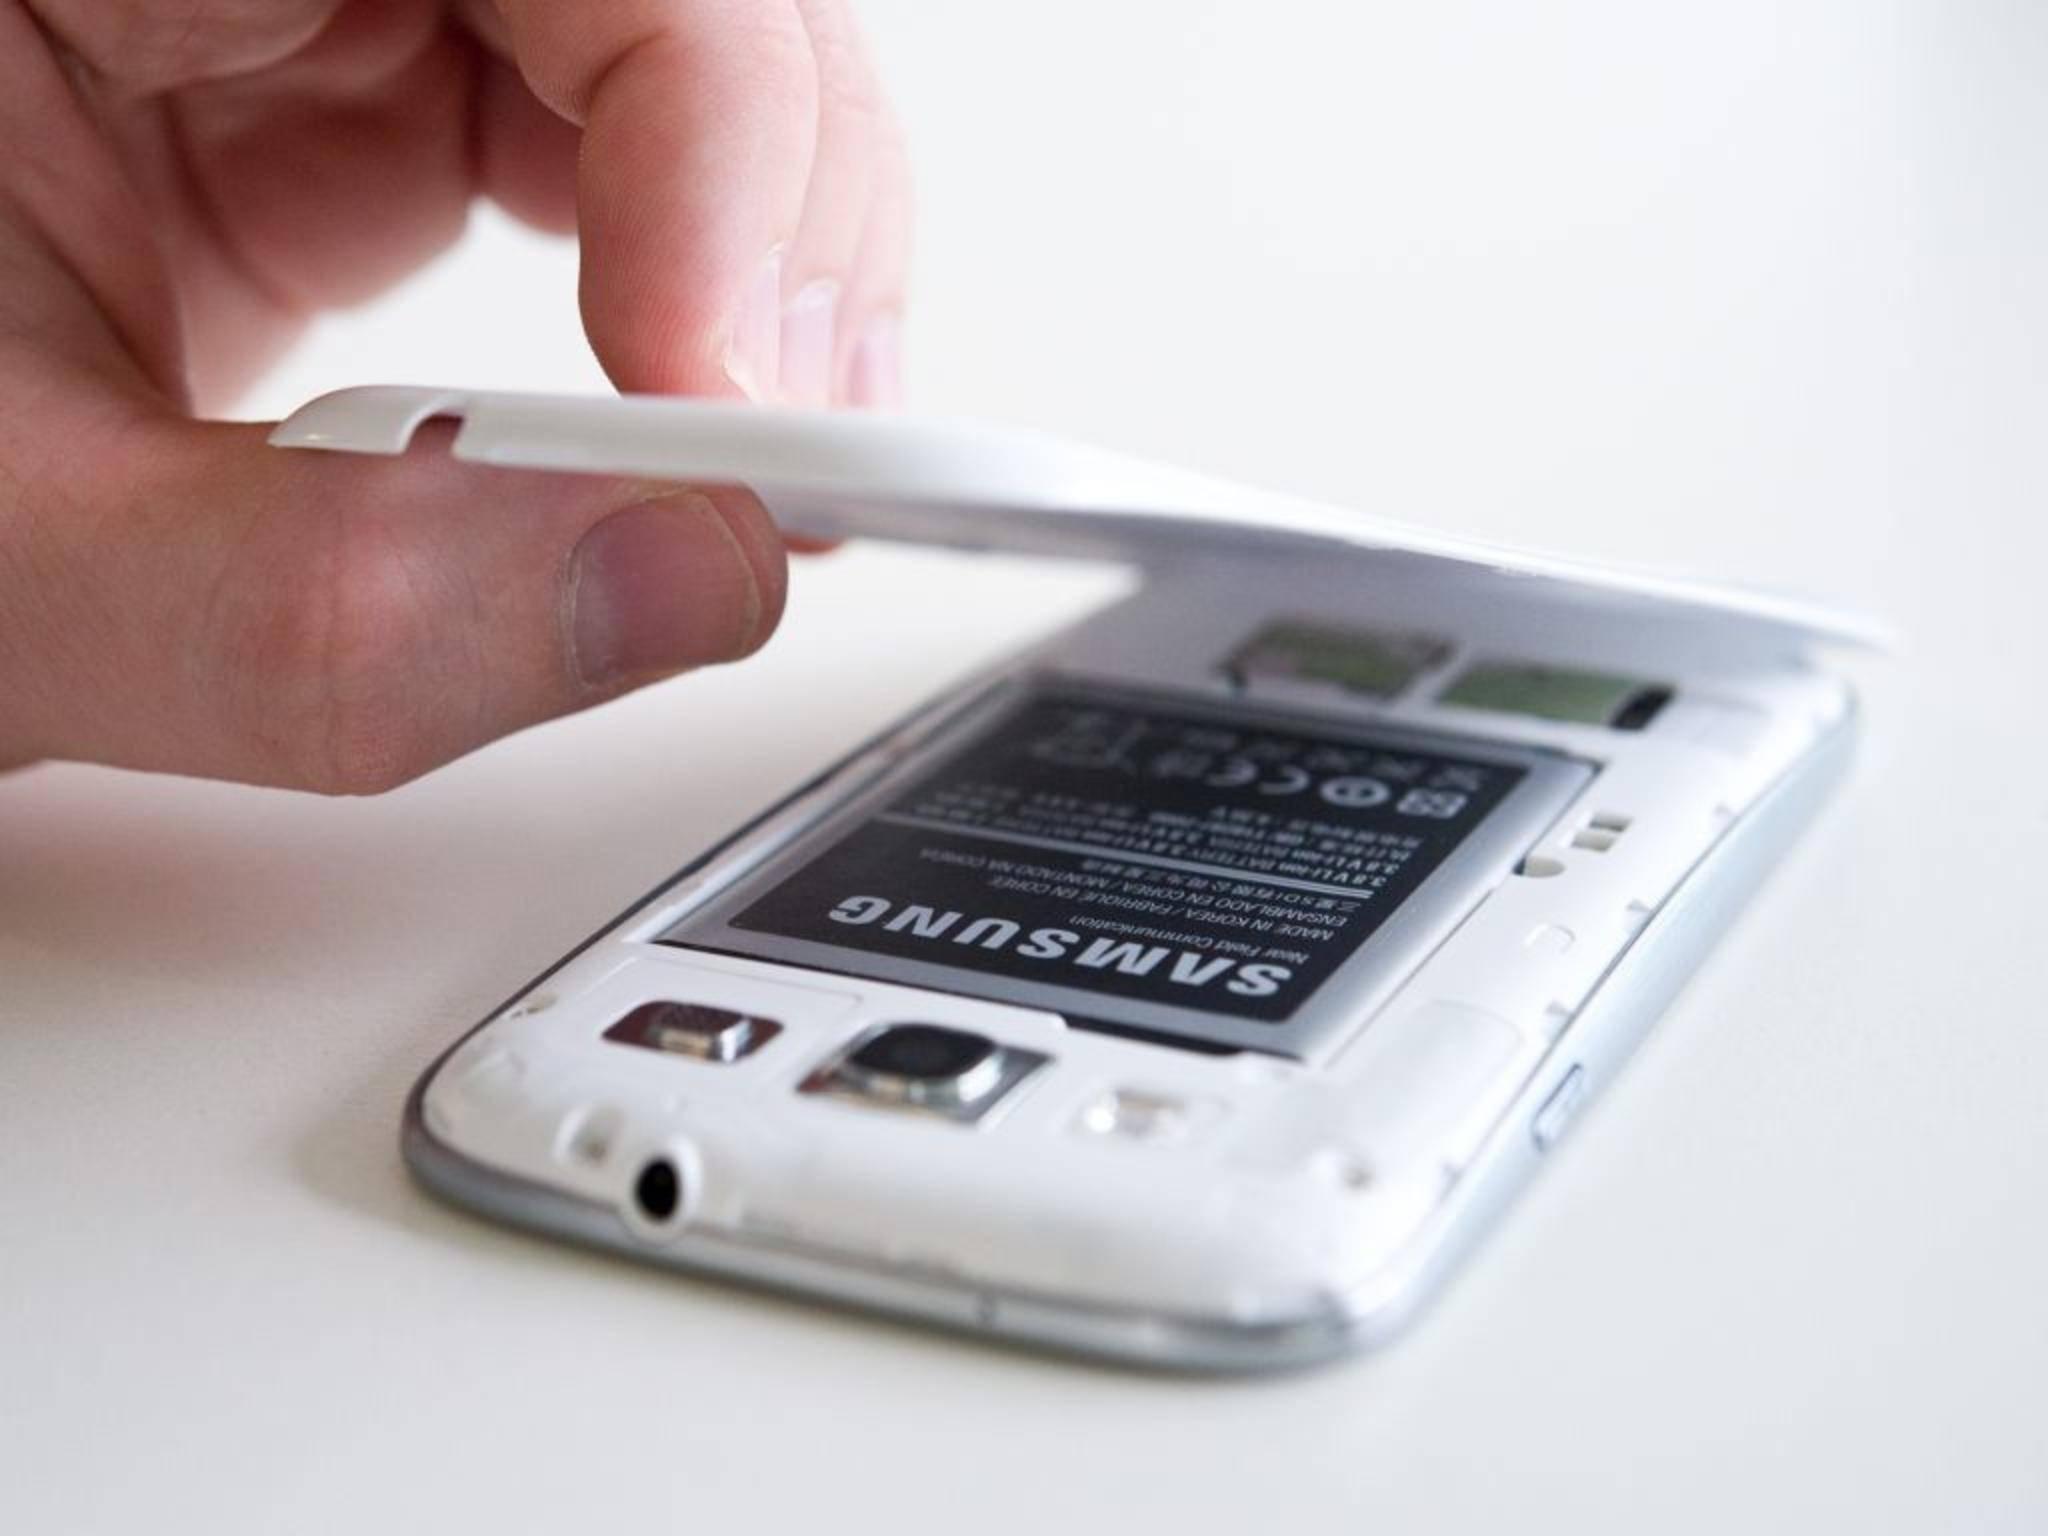 """""""Vorsichtig ... ganz vorsichtig..."""" - Dank neuer Kevlar-Technik sollen Smartphone-Akkus besser und sicherer werden."""